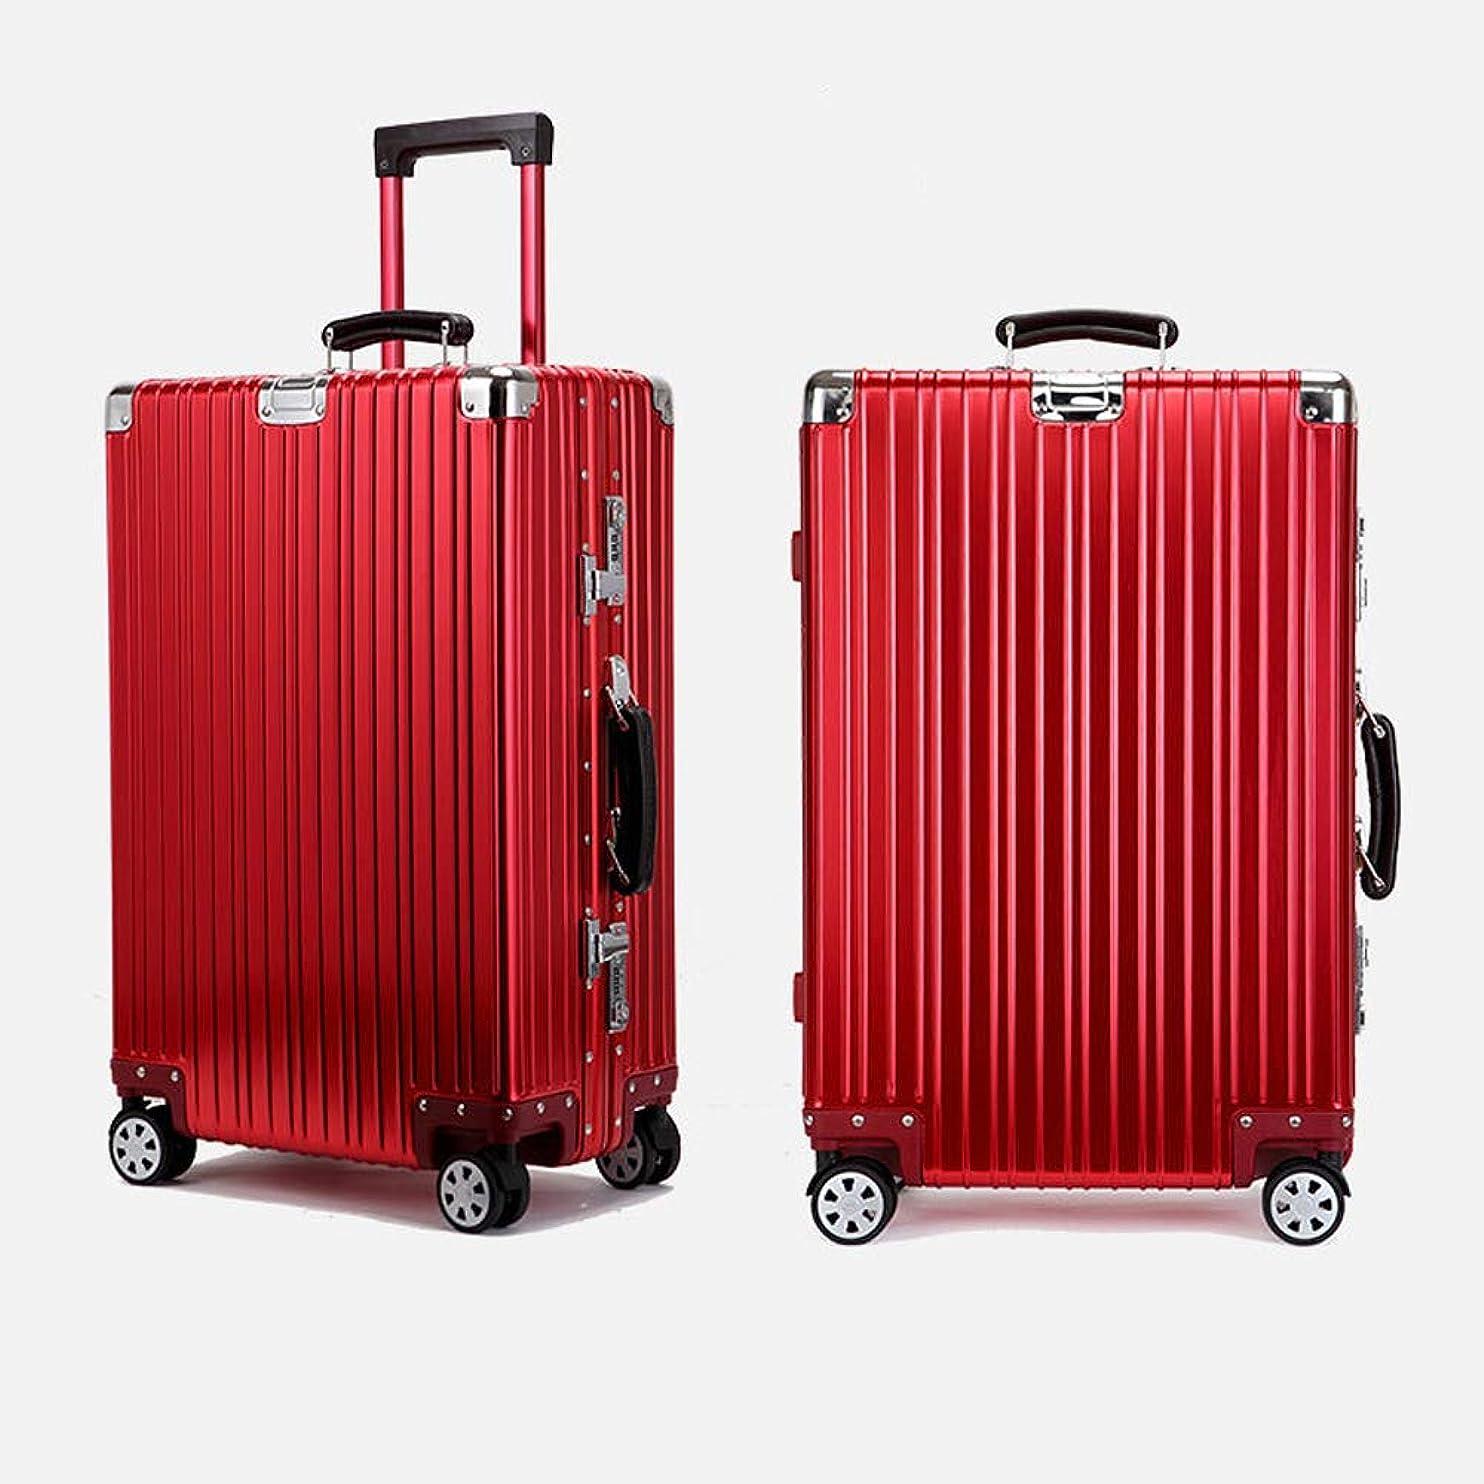 スローガン神経衰弱ピアノを弾くアルミ スーツケース ダブルキャスター?静音 キャリーケース TSAロック搭載 軽量 無段階調節 キャリーケース 出張 旅行 機内持ち込み可 大容量 静音8輪